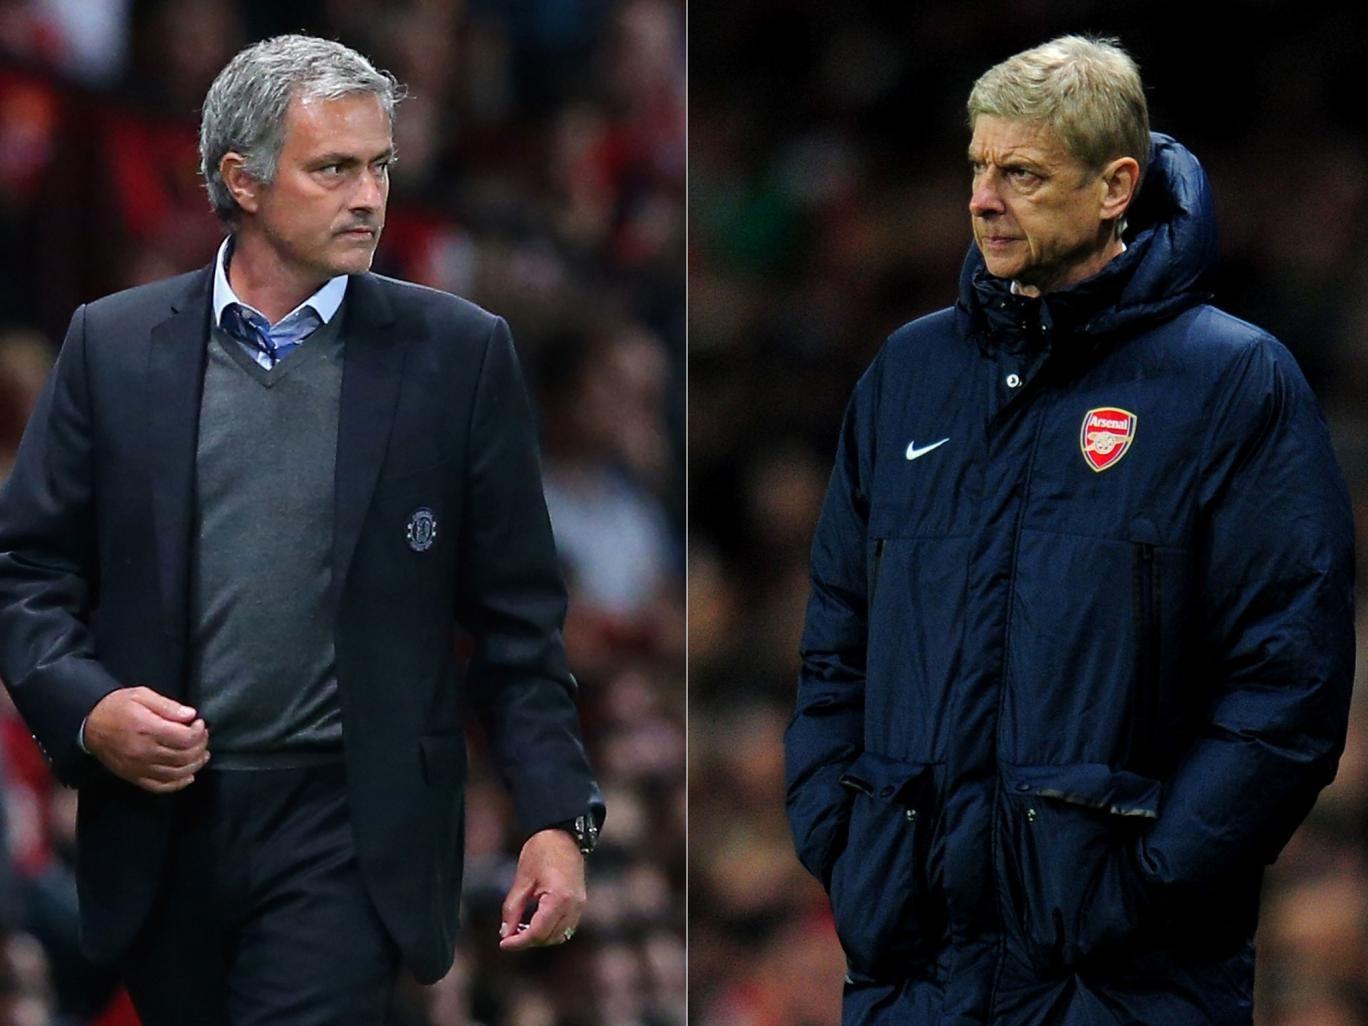 Mourinho's Chelsea vs Wenger's Arsenal